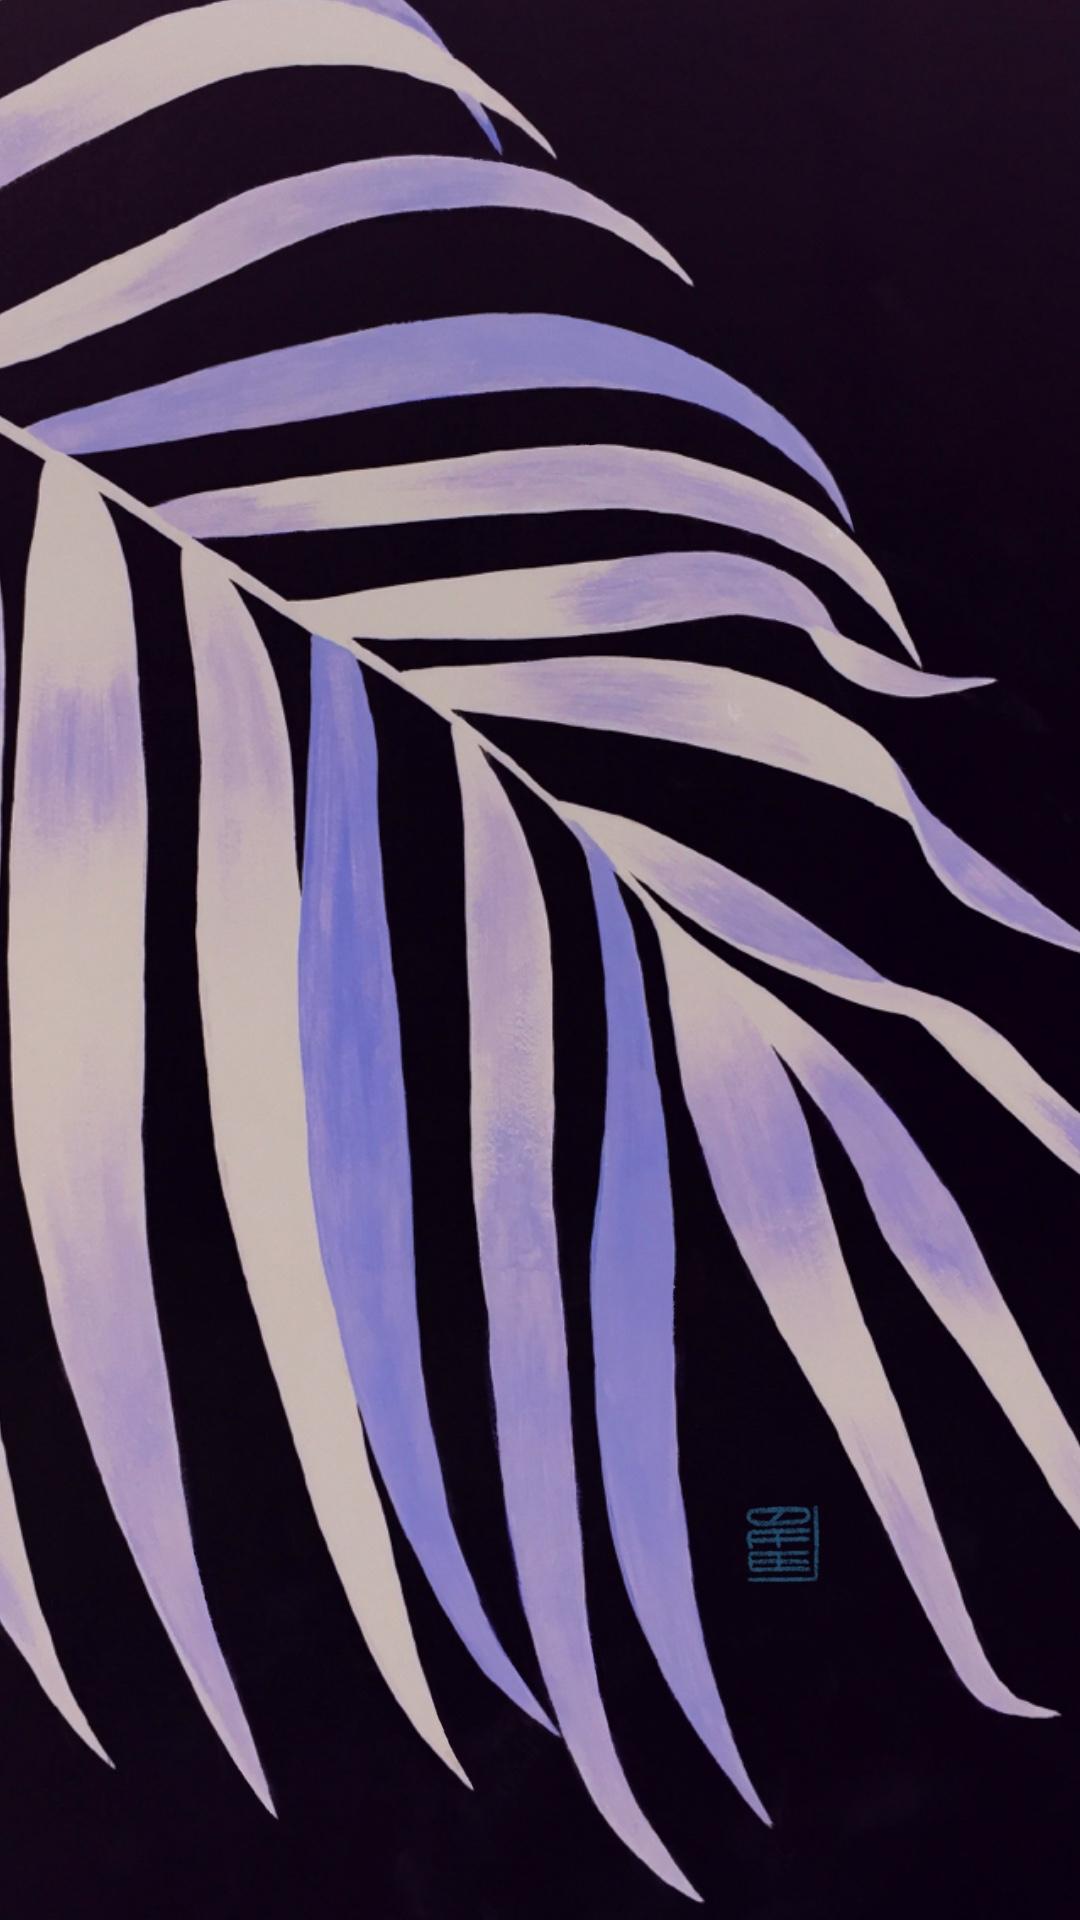 Hoja Purpura